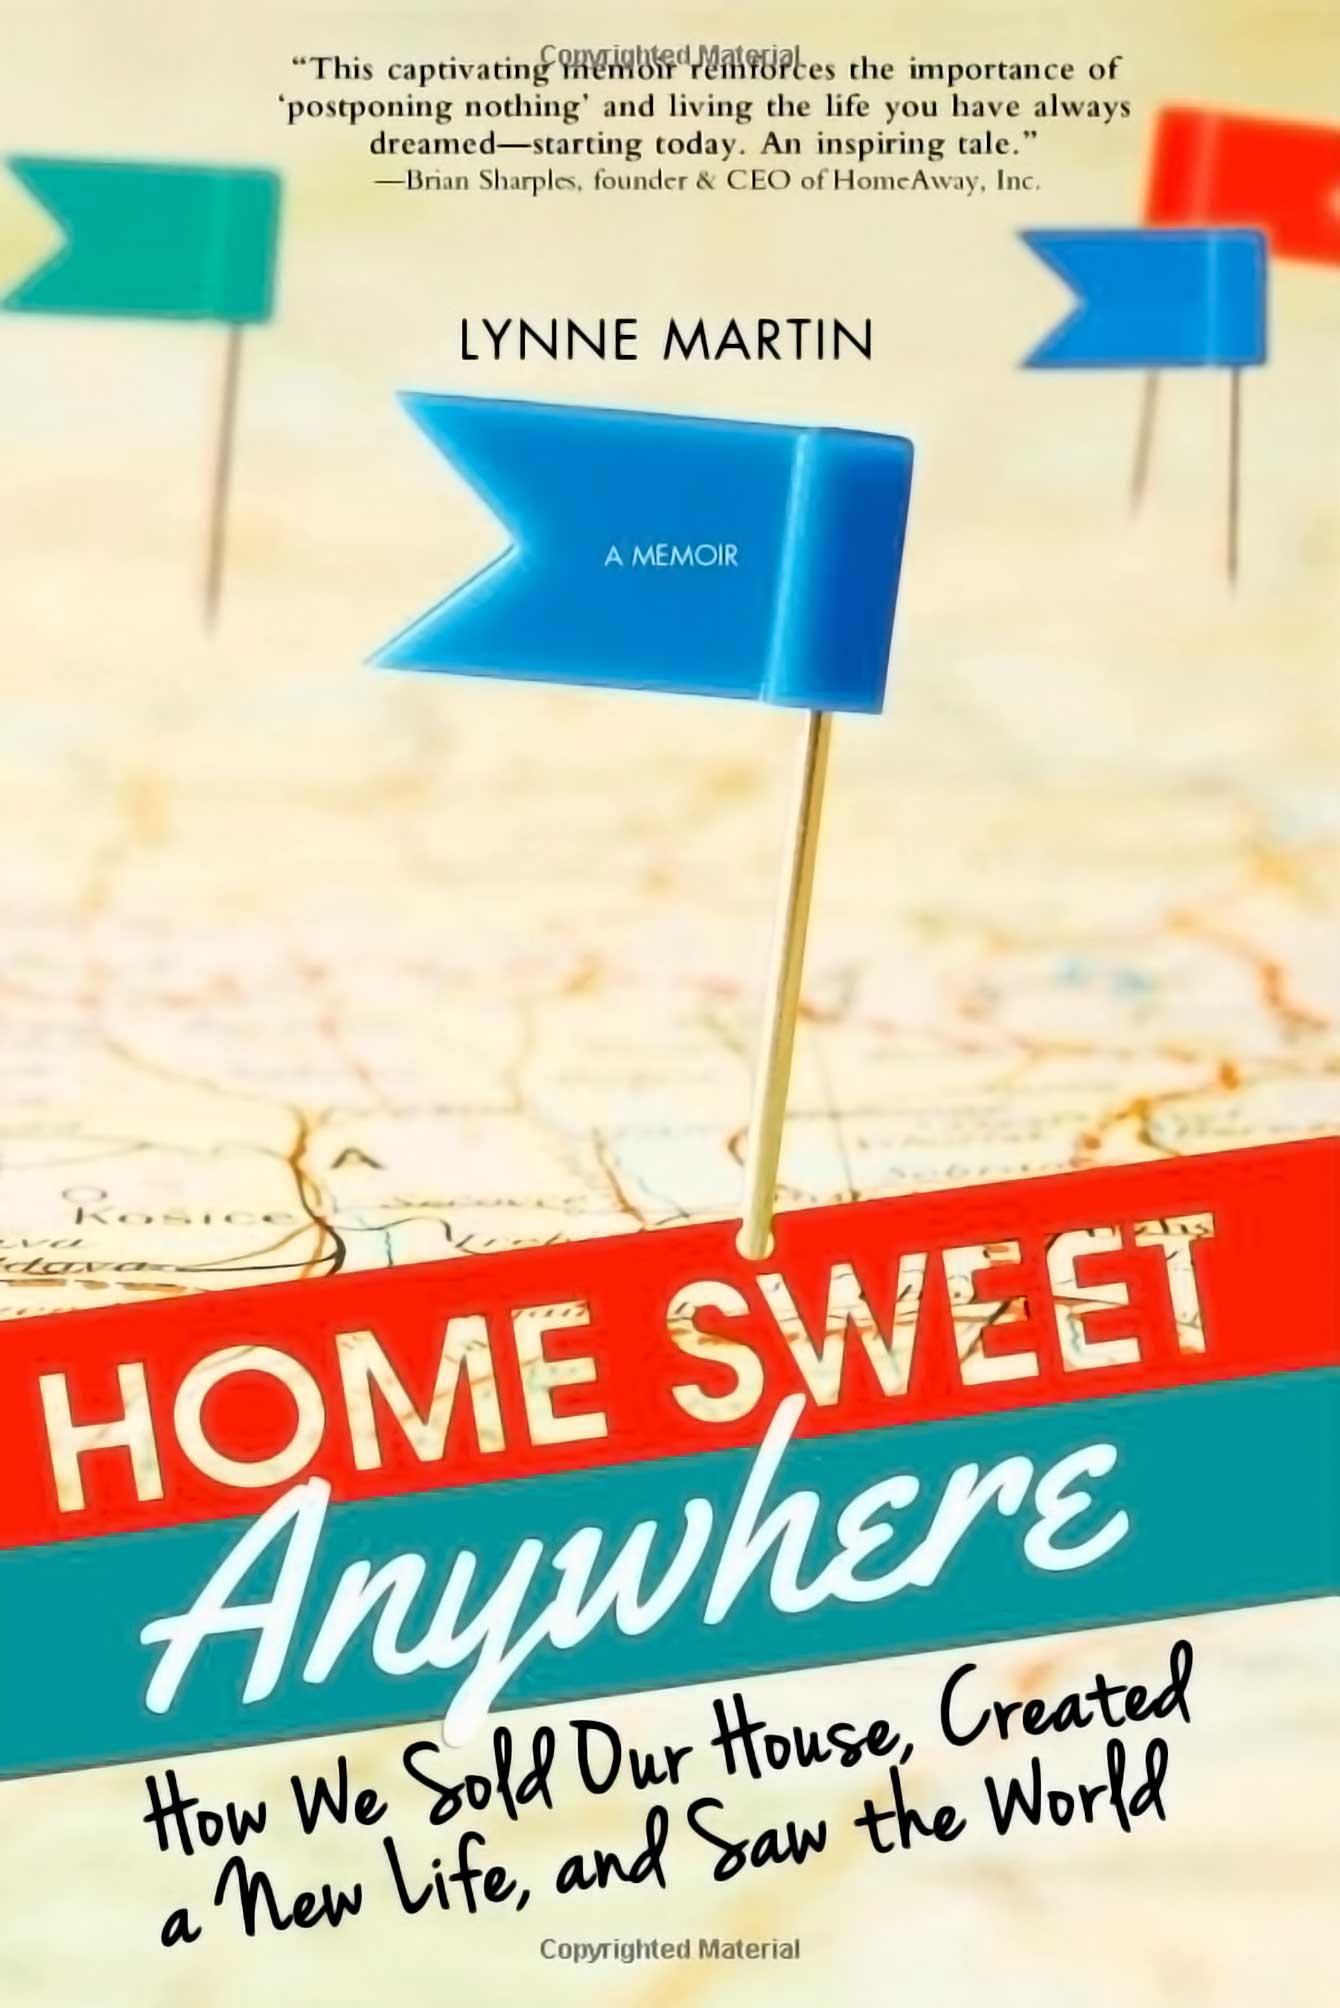 travel-book-img-Home-Sweet-Anywhere